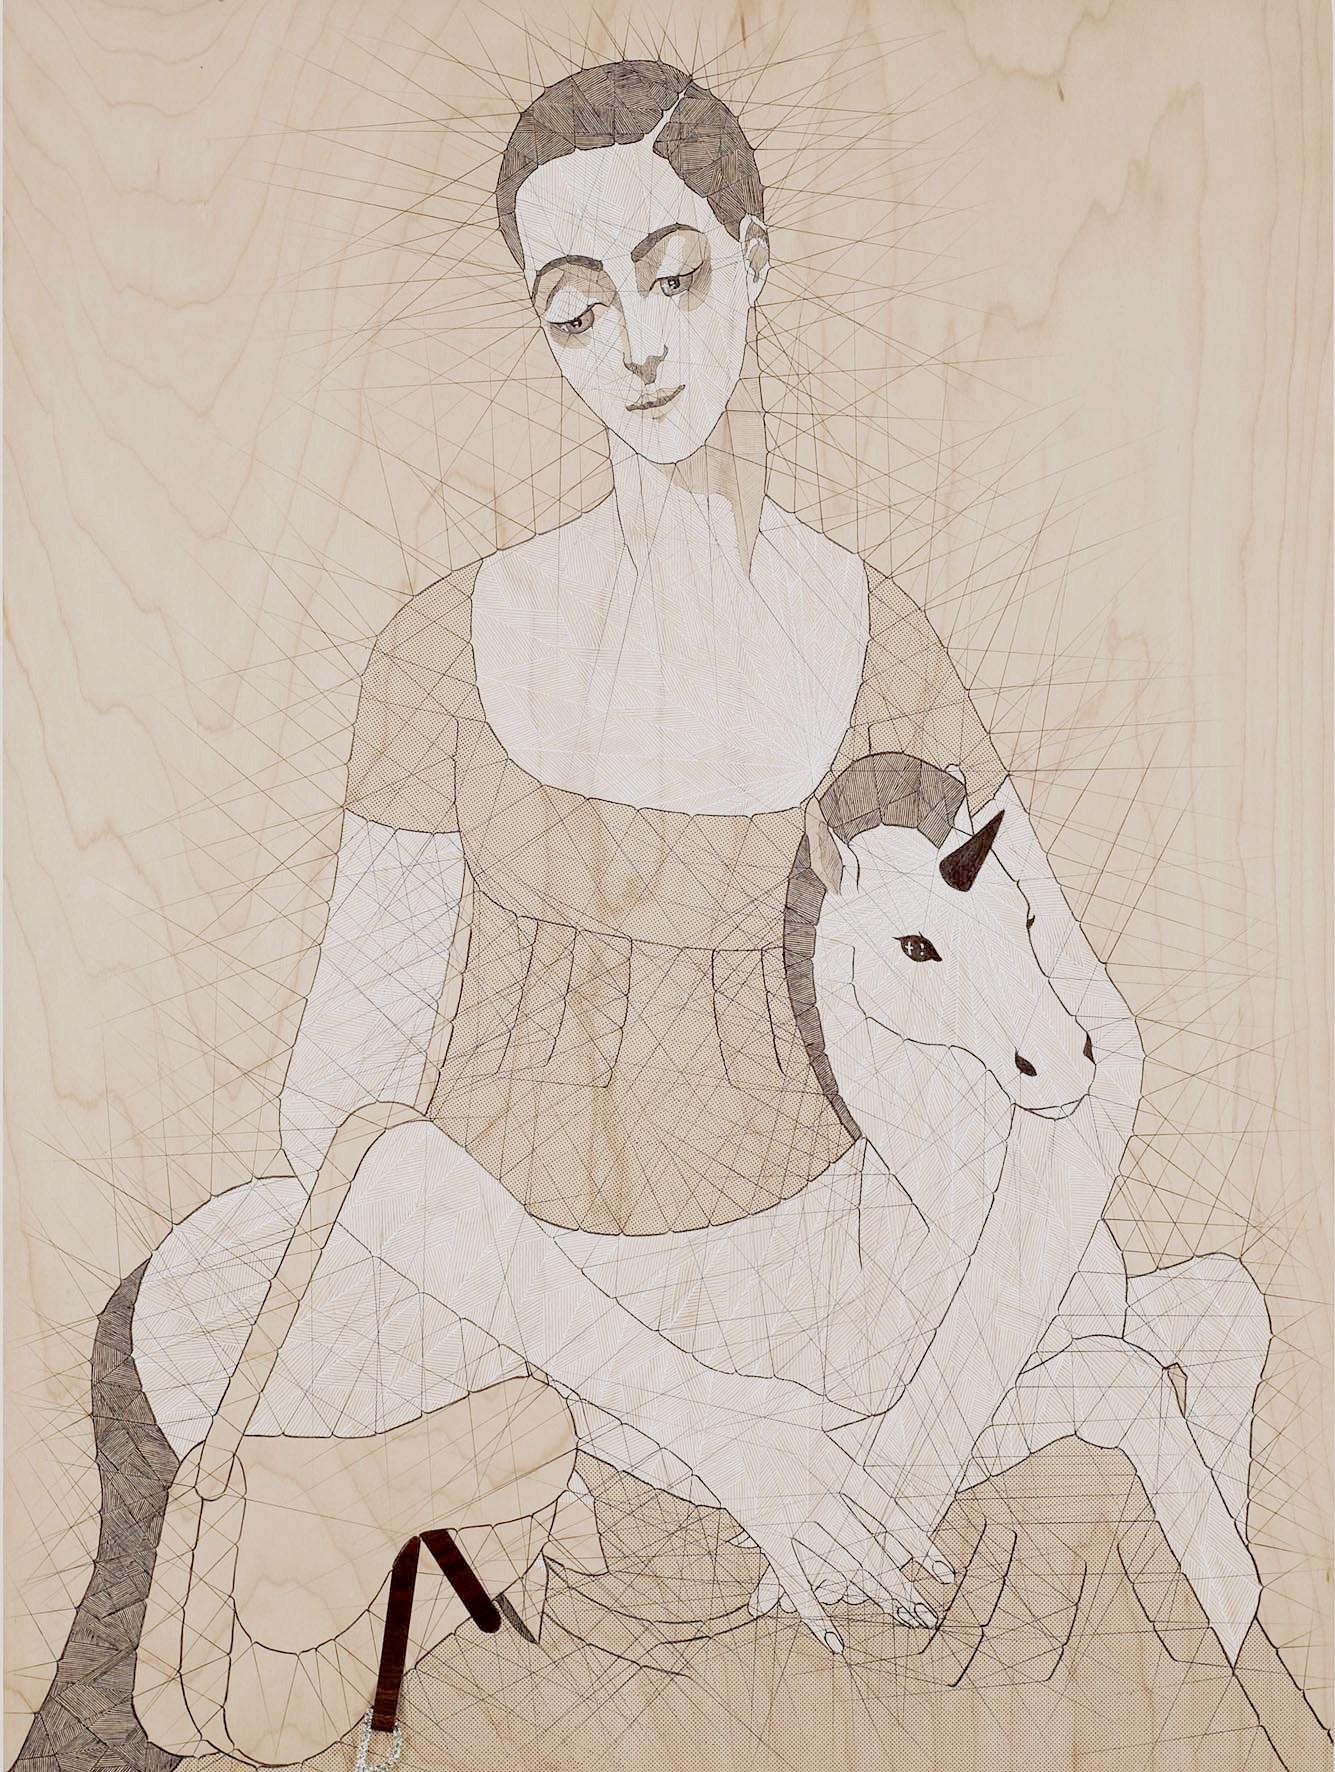 La Vierge et l'enfant, et son Dior, 2008